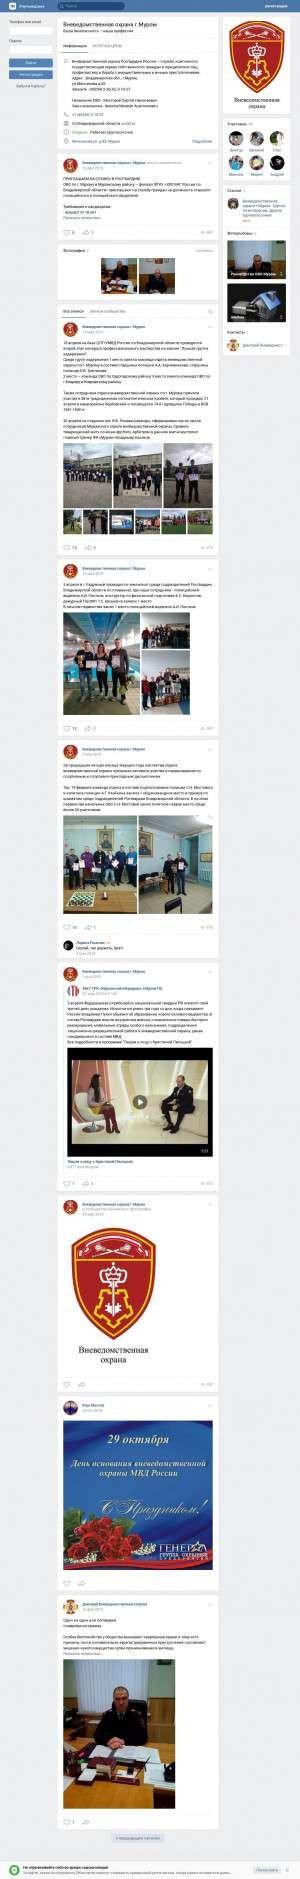 Предпросмотр для vk.com — Управление Федеральной службы войск национальной гвардии Российской Федерации по Владимирской области